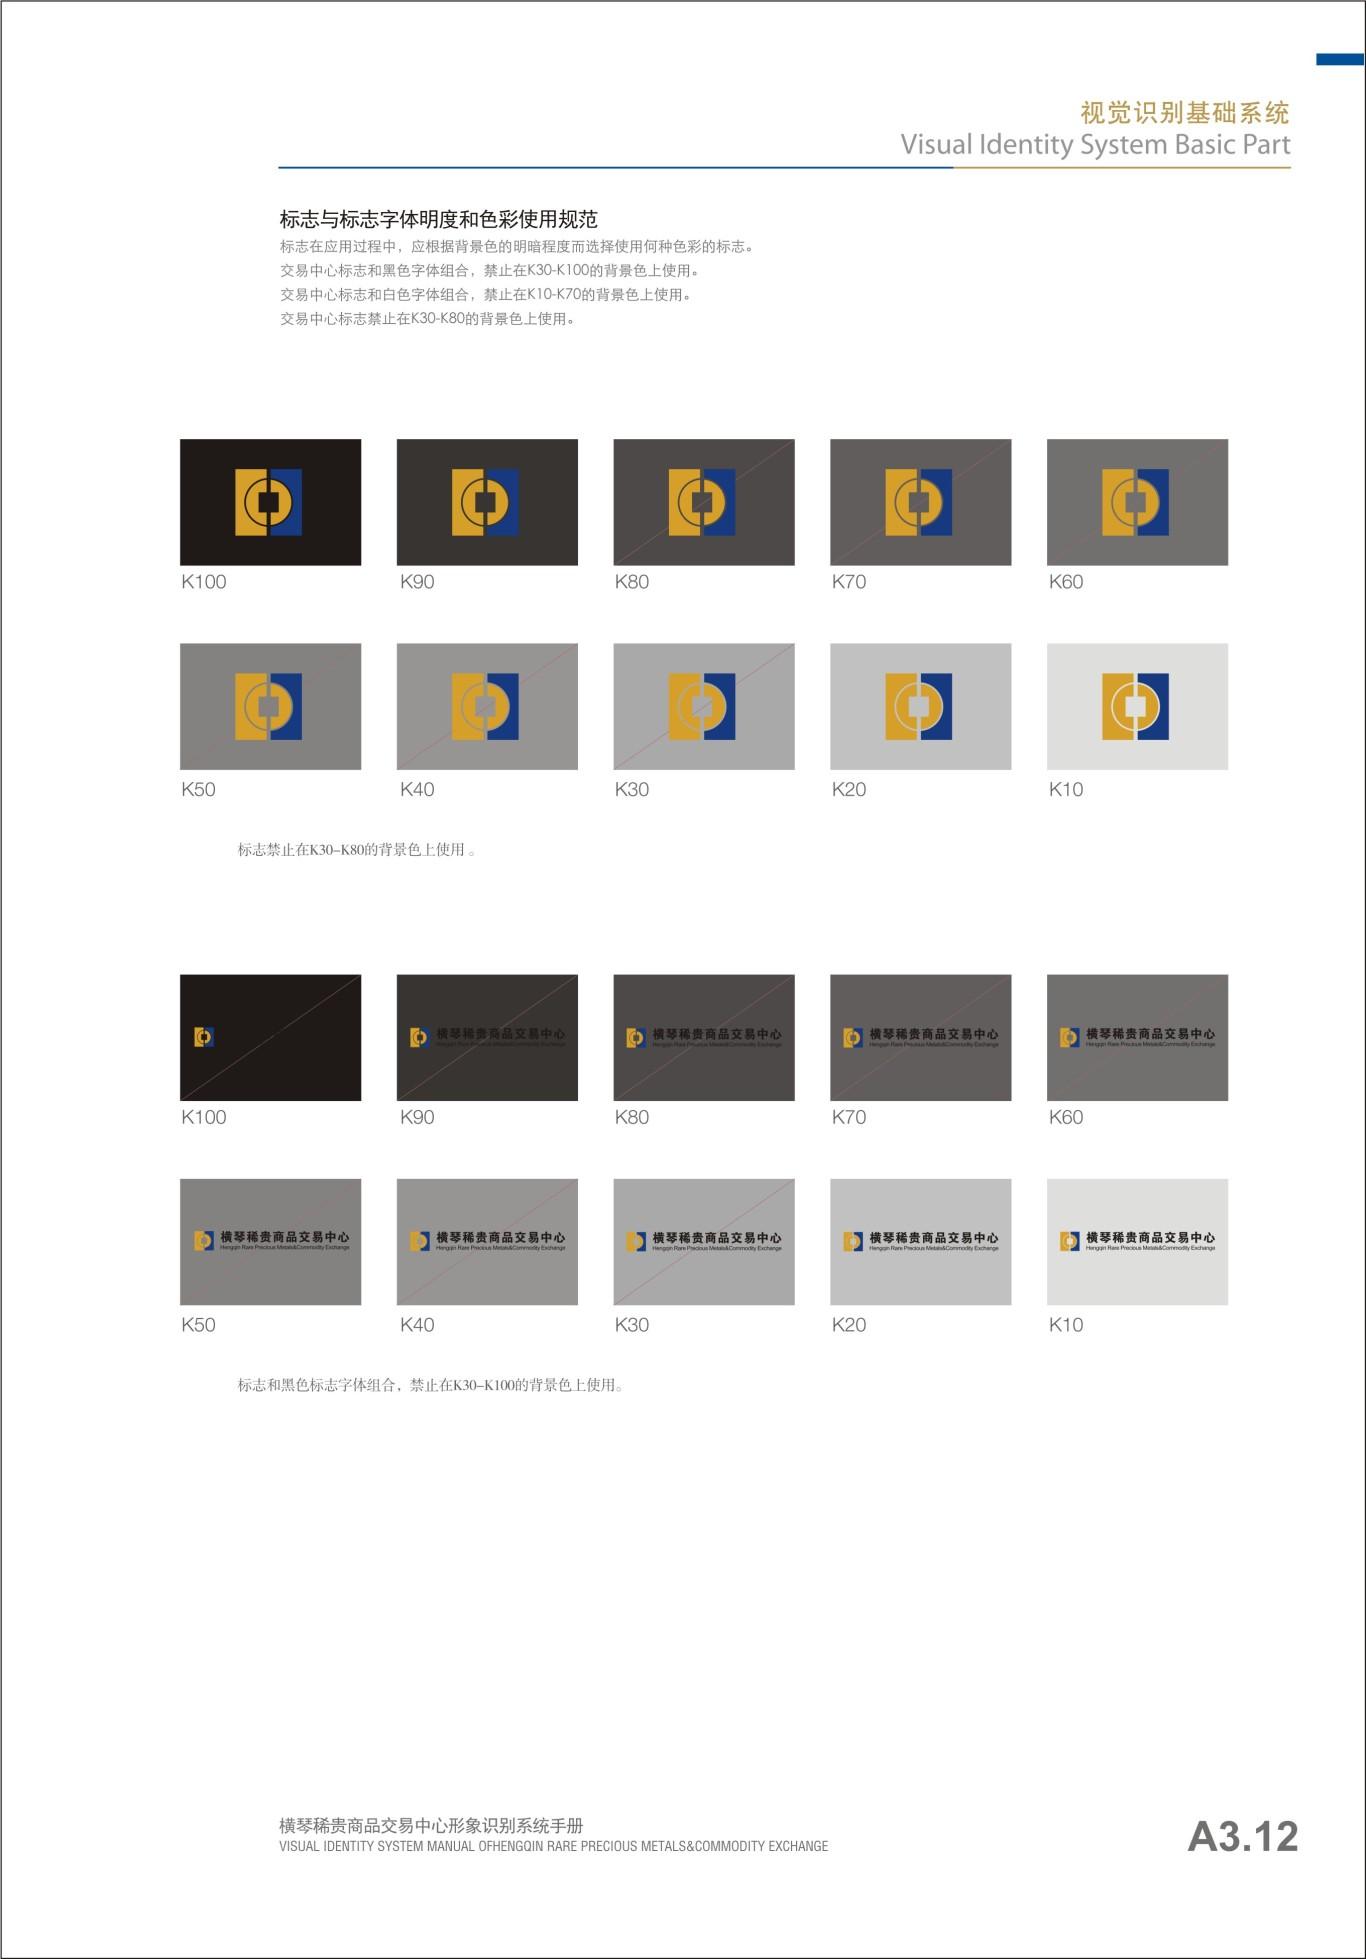 贵金属行业横琴稀贵VI手册设计图12